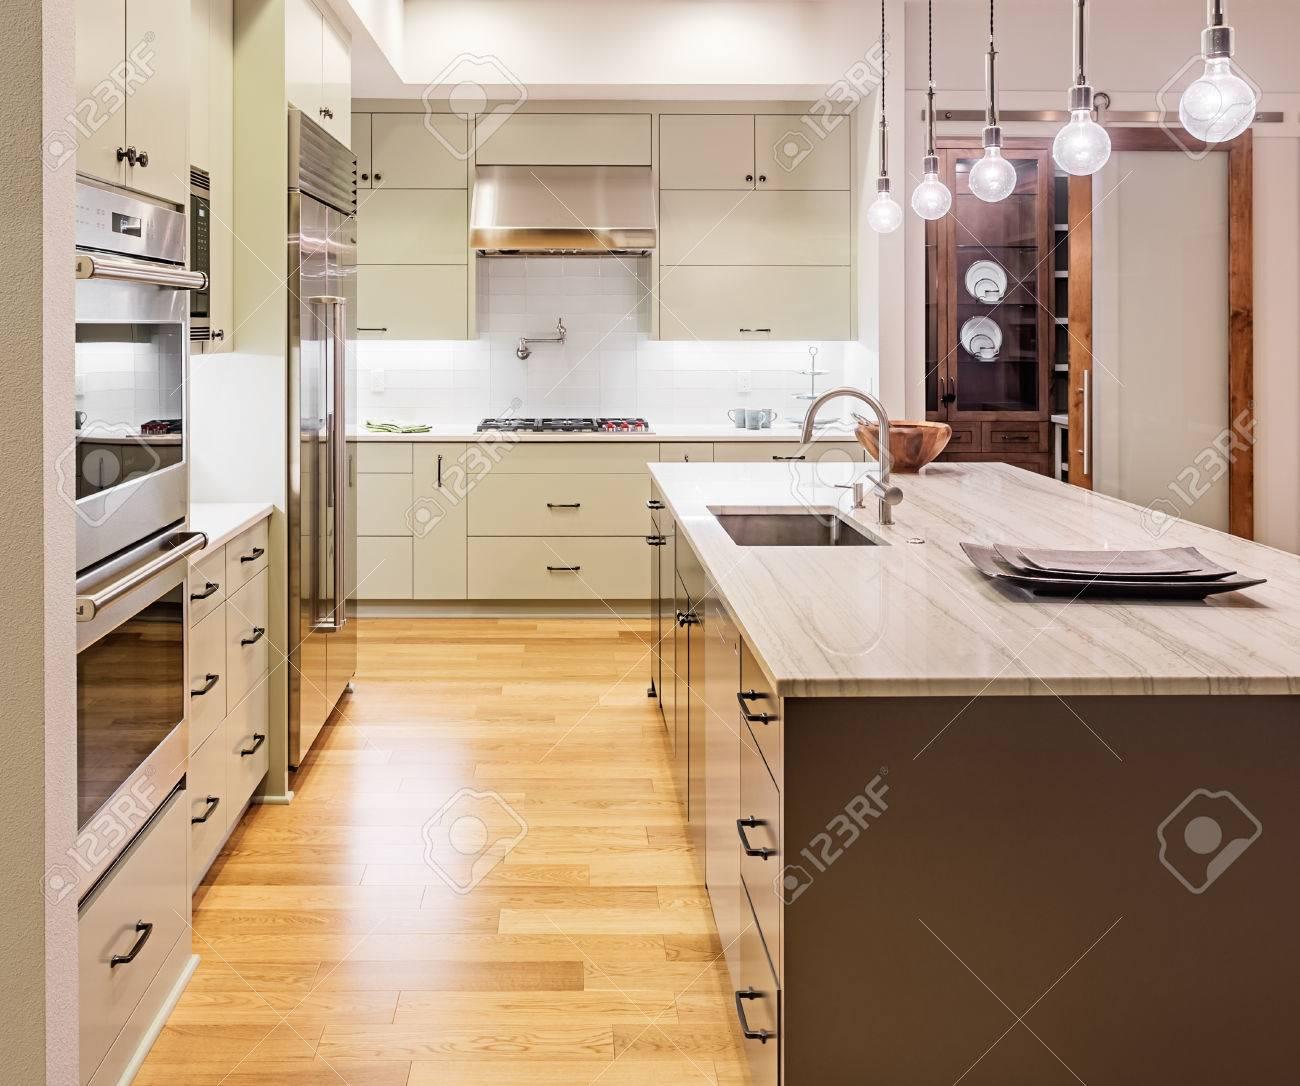 Kuche Mit Kochinsel Spule Schranke Und Holzfussboden In New Luxury Home Lizenzfreie Fotos Bilder Und Stock Fotografie Image 47256551